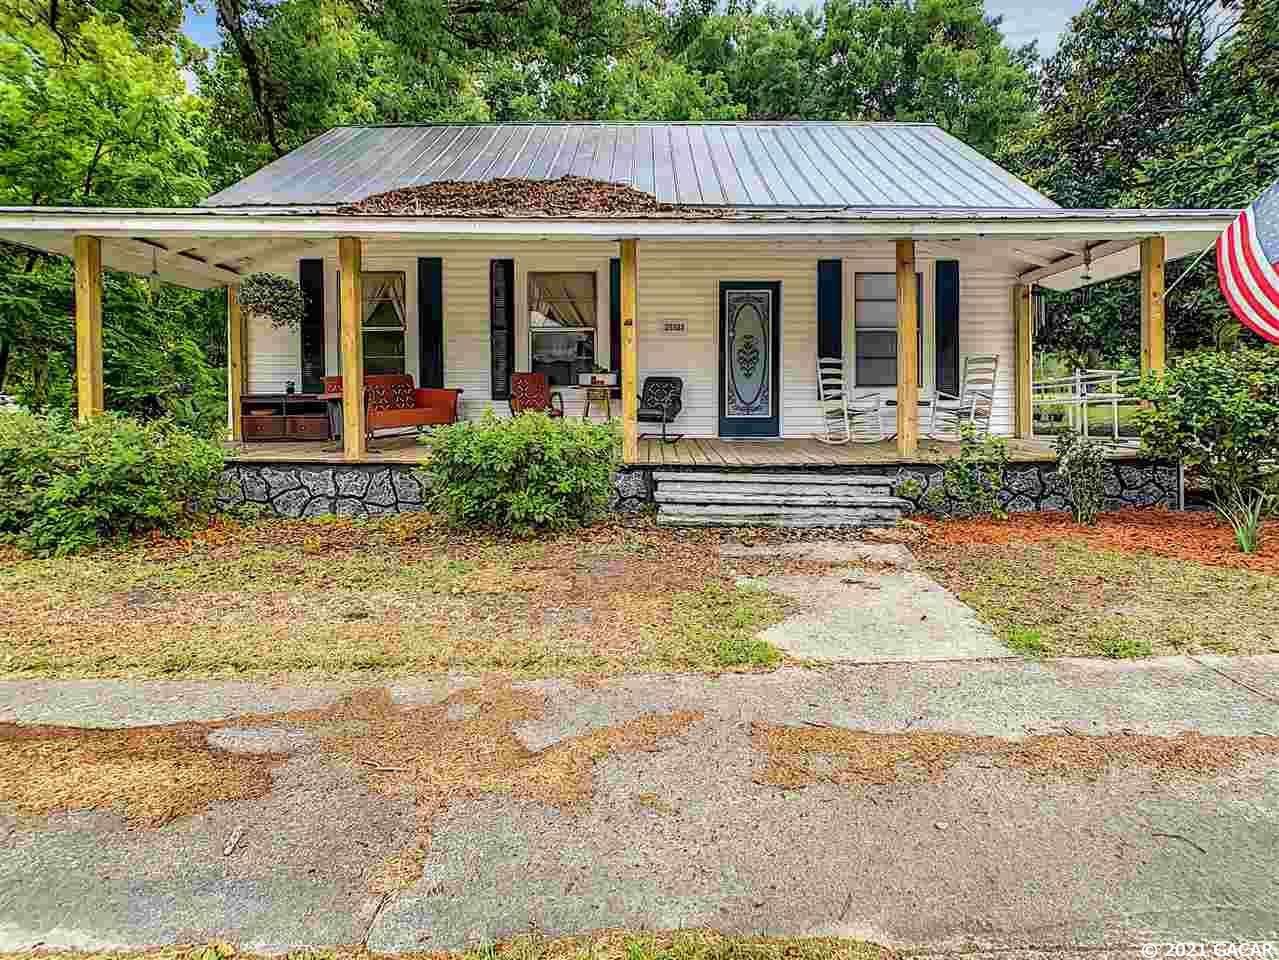 25933 W NEWBERRY, Newberry, FL 32669 - #: 445256